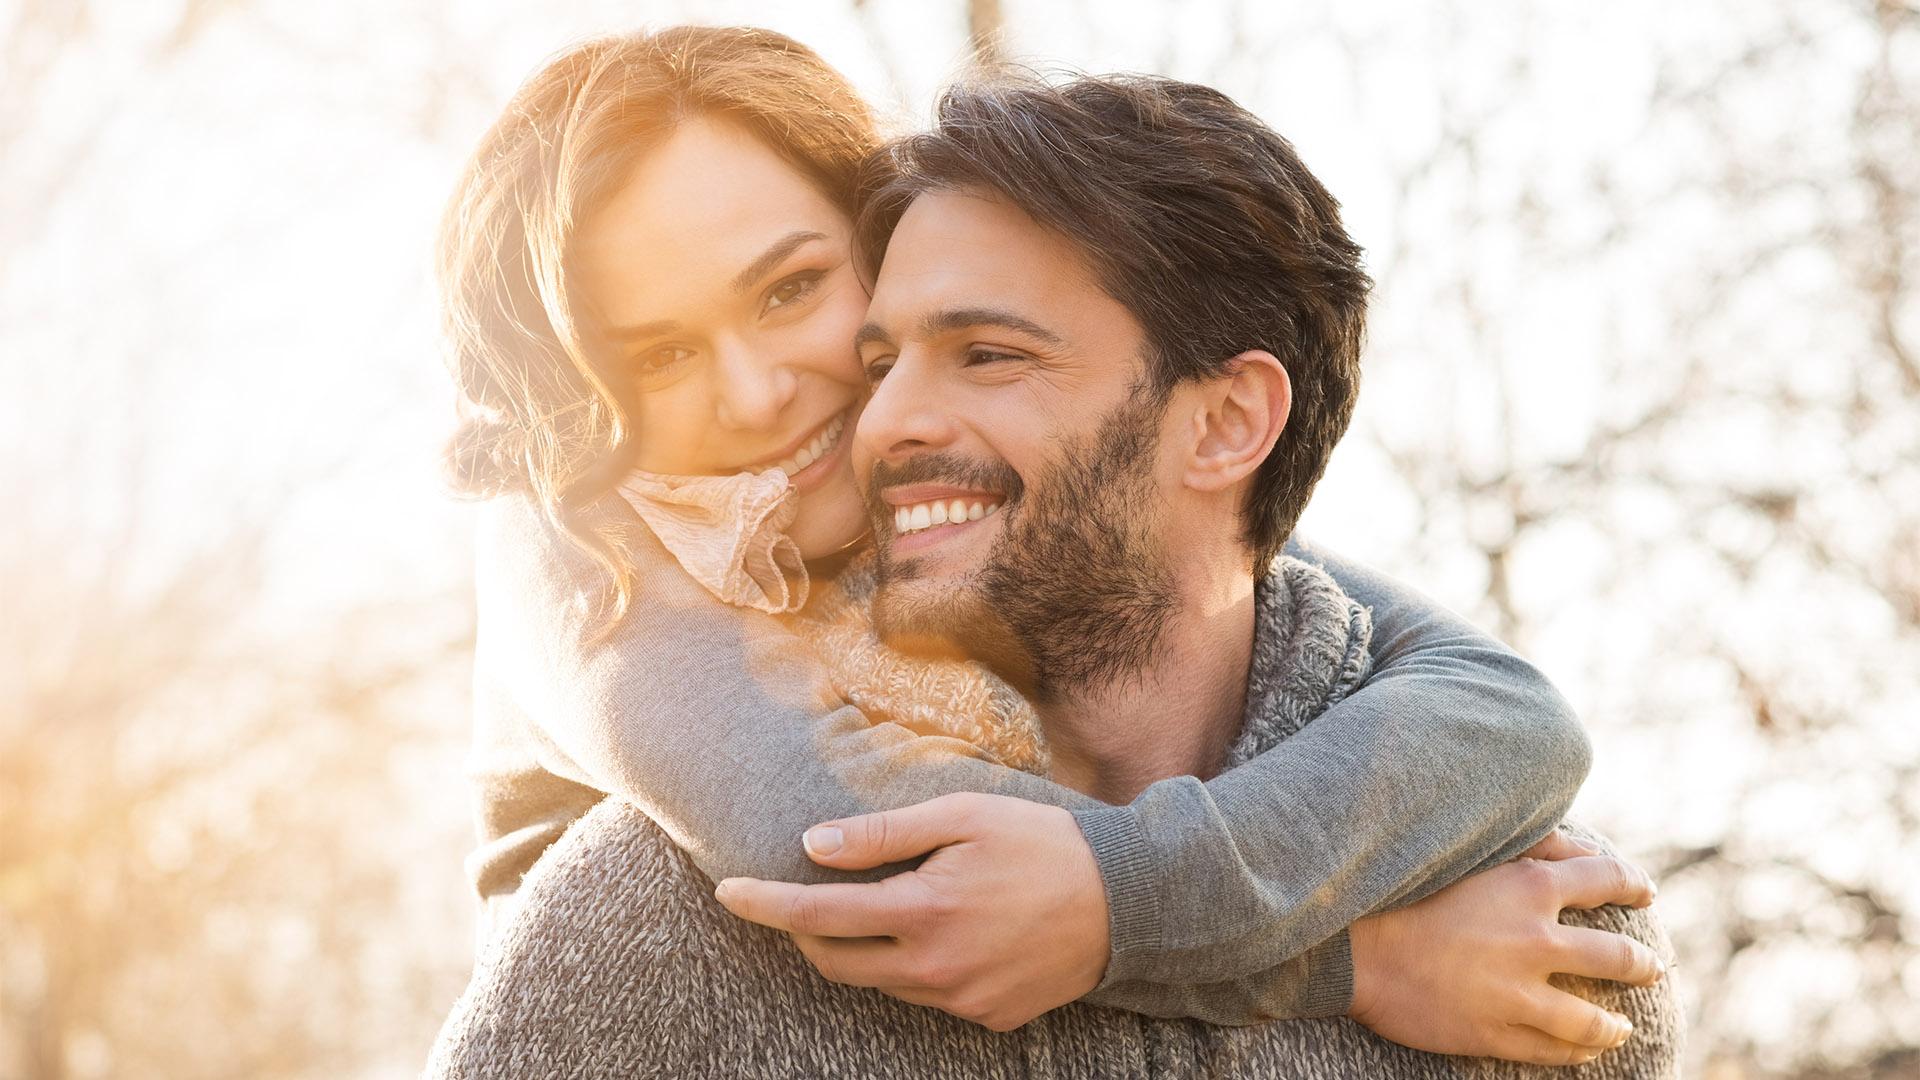 flörtölés házasság hűtlenség monogámia önértékelés párkapcsolati terapeuták pintér orsolya válás